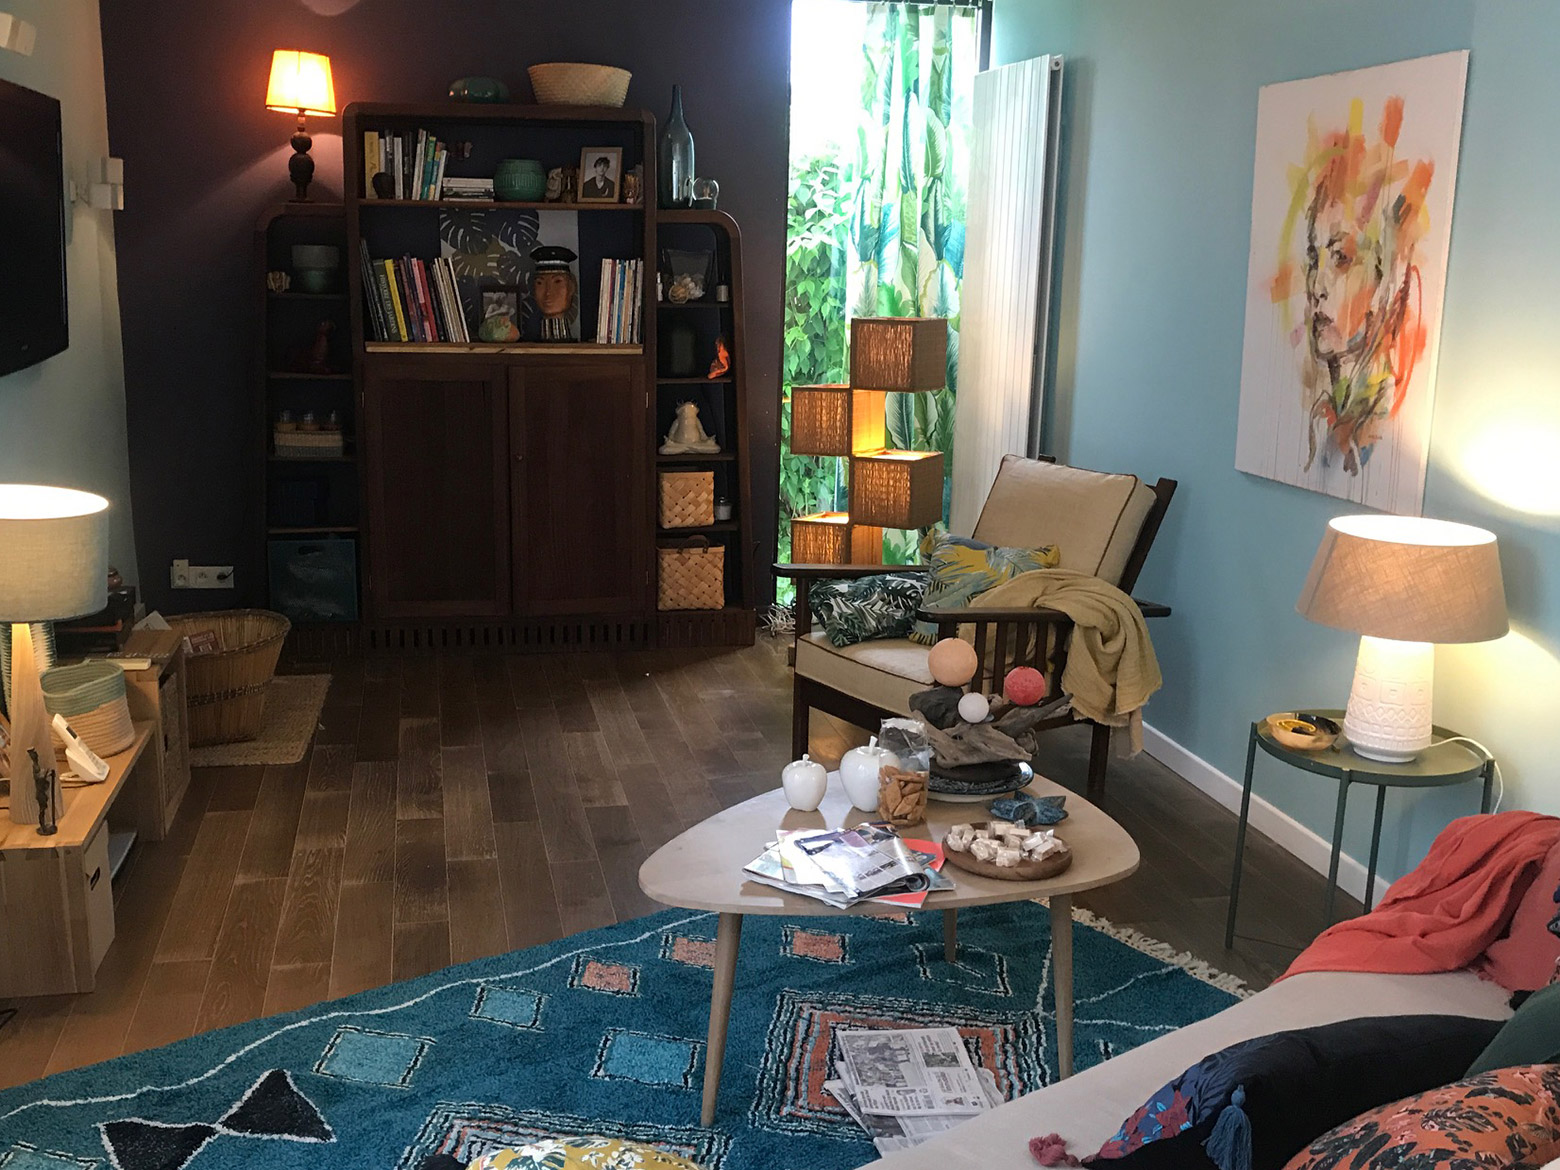 Location de peinture pour la décoration sur un tournage cinéma